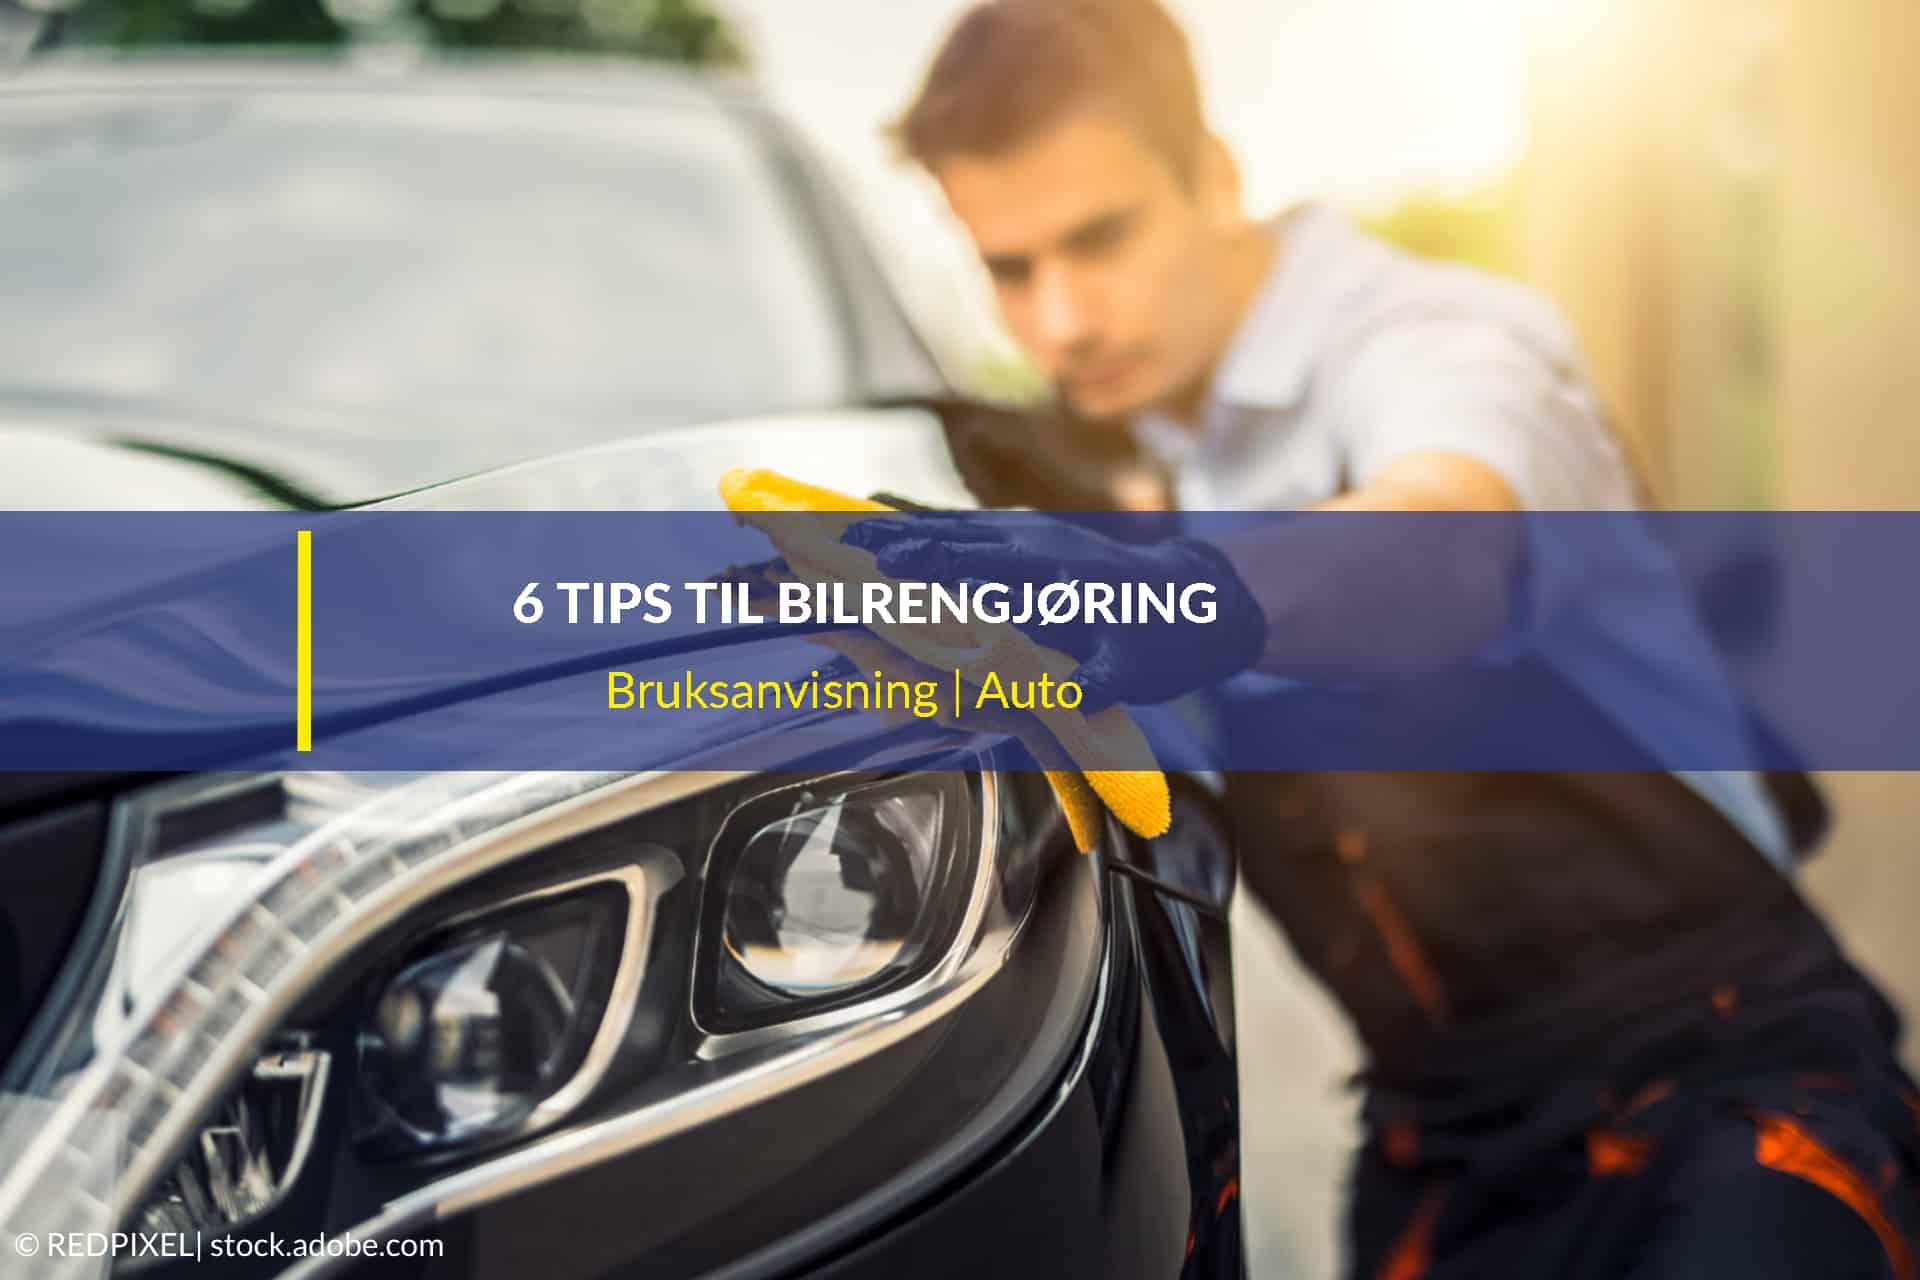 bilrengjøring 6 tips til skinnende ren bil